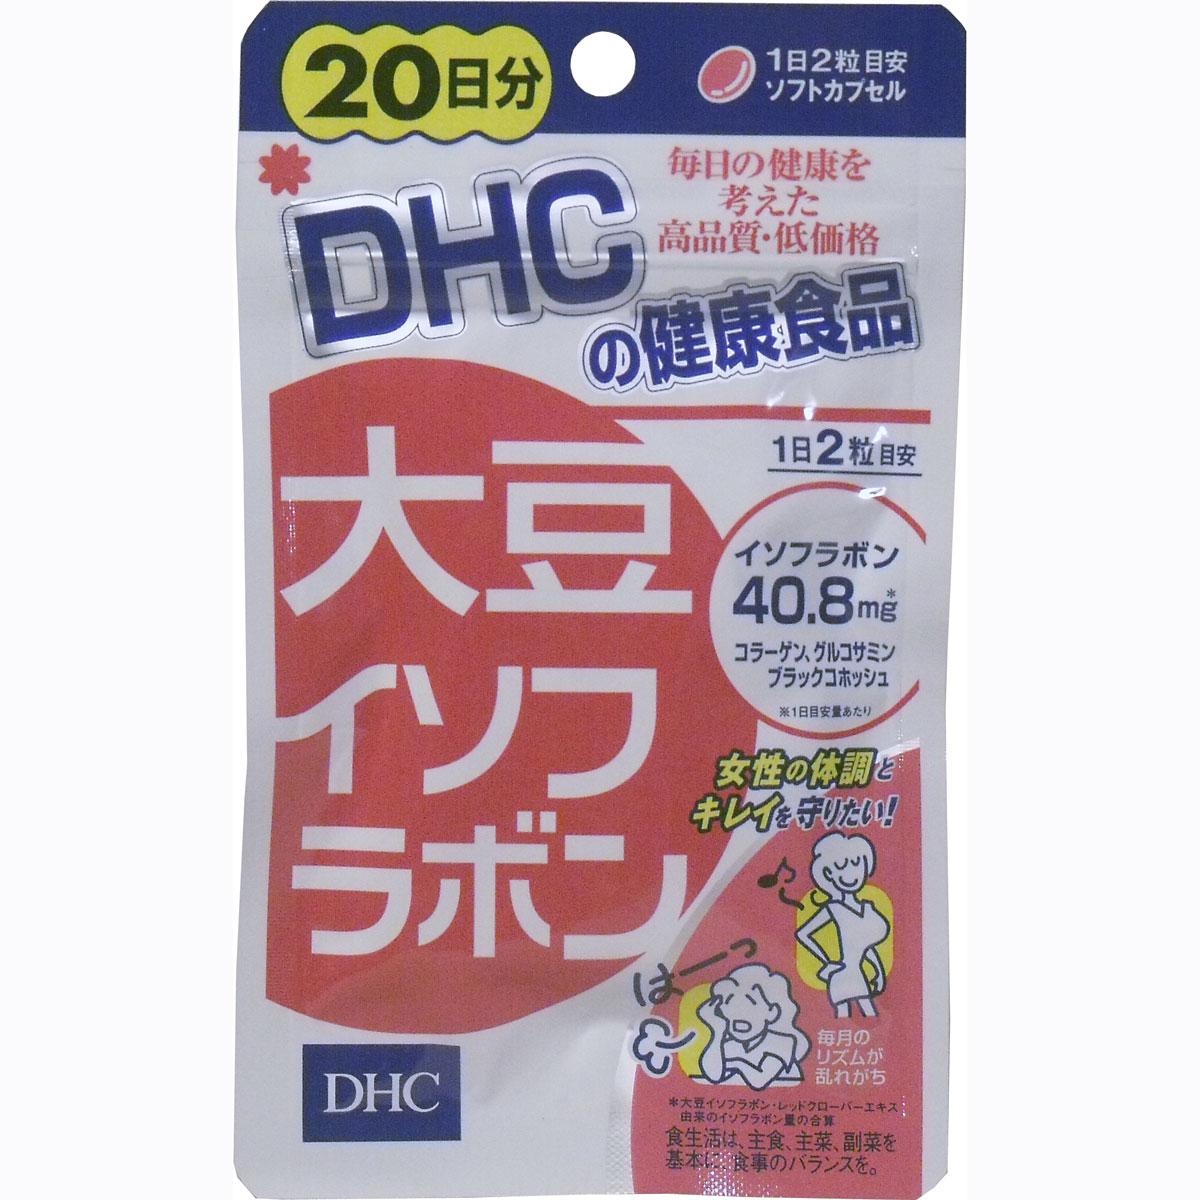 DHC 營養補給品 大豆精華(大豆異黃酮) 20日份(40粒)